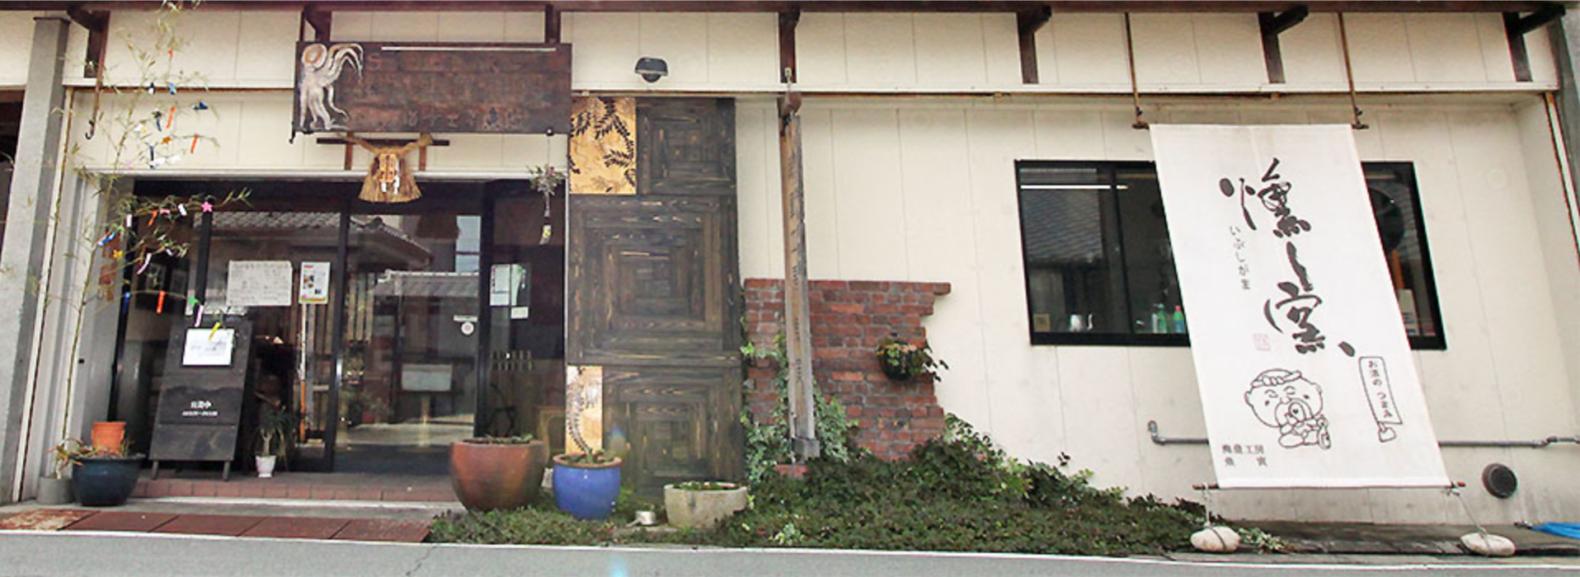 shop-uotora アイキャッチ